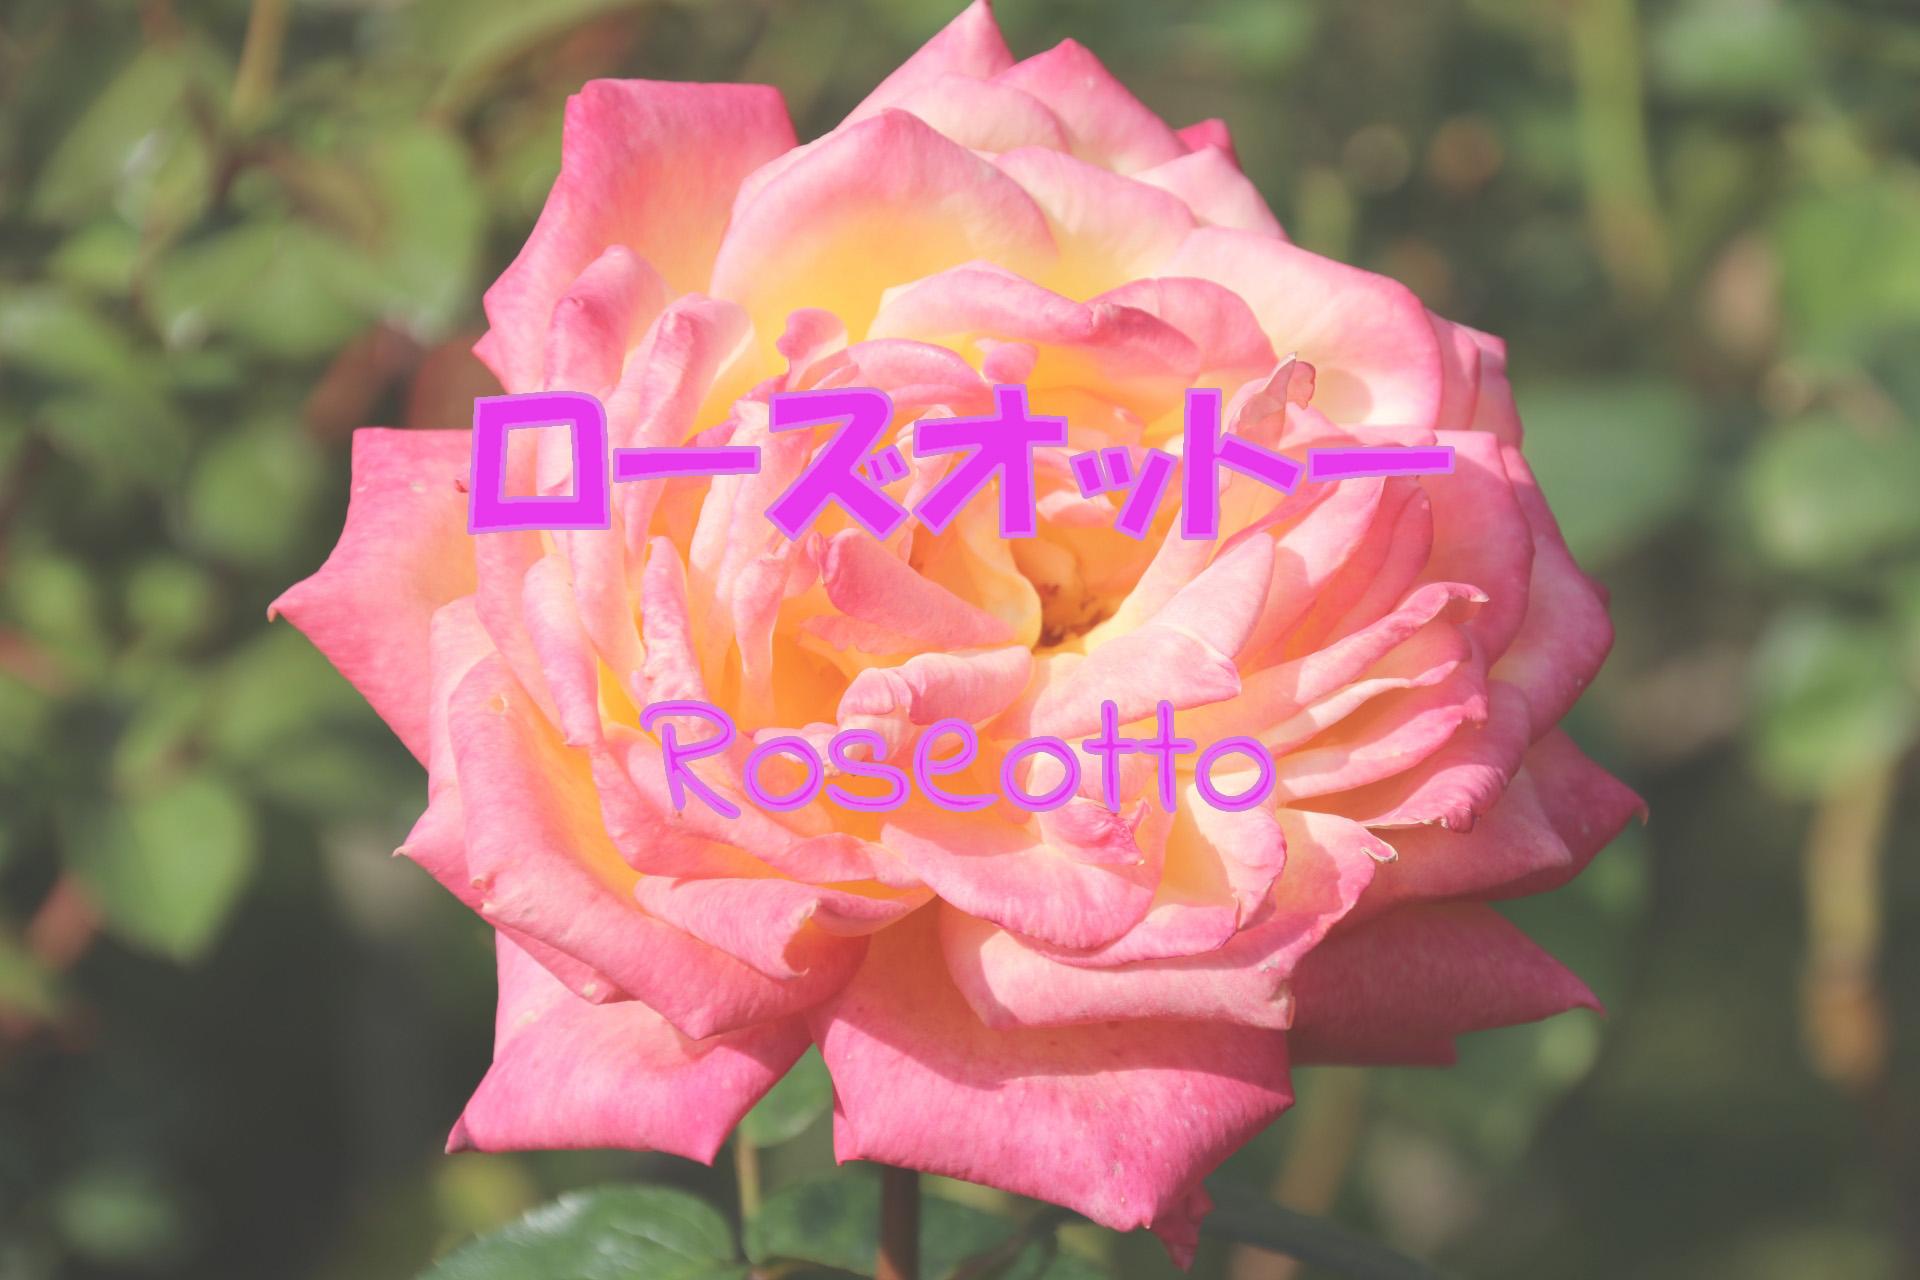 roseotto_191117